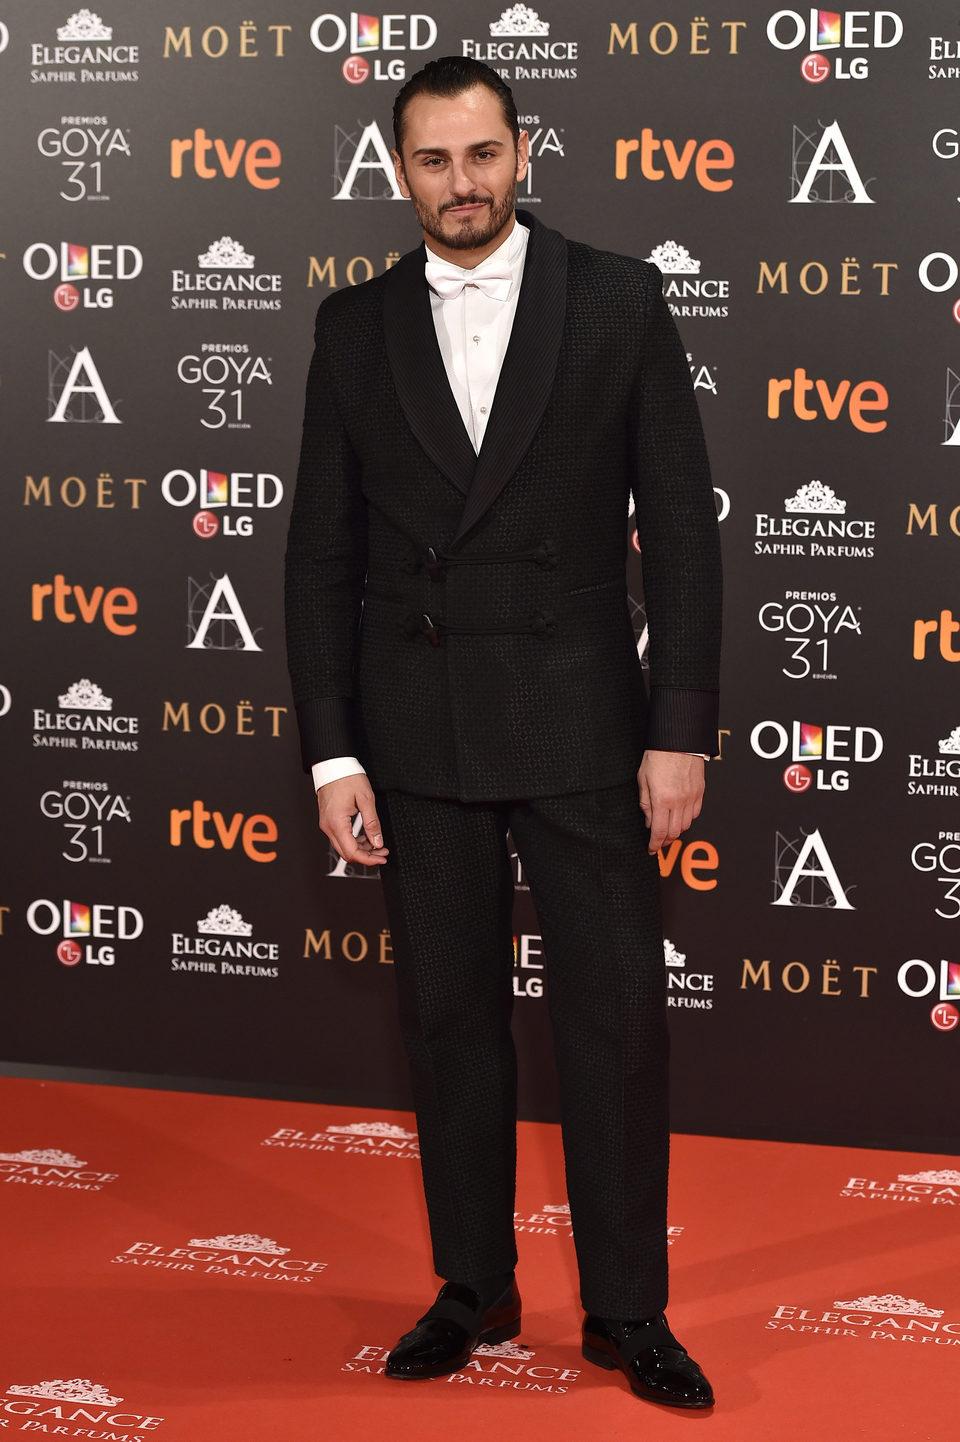 El actor Asier Etxeandia en la alfombra roja de los premios Goya 2017